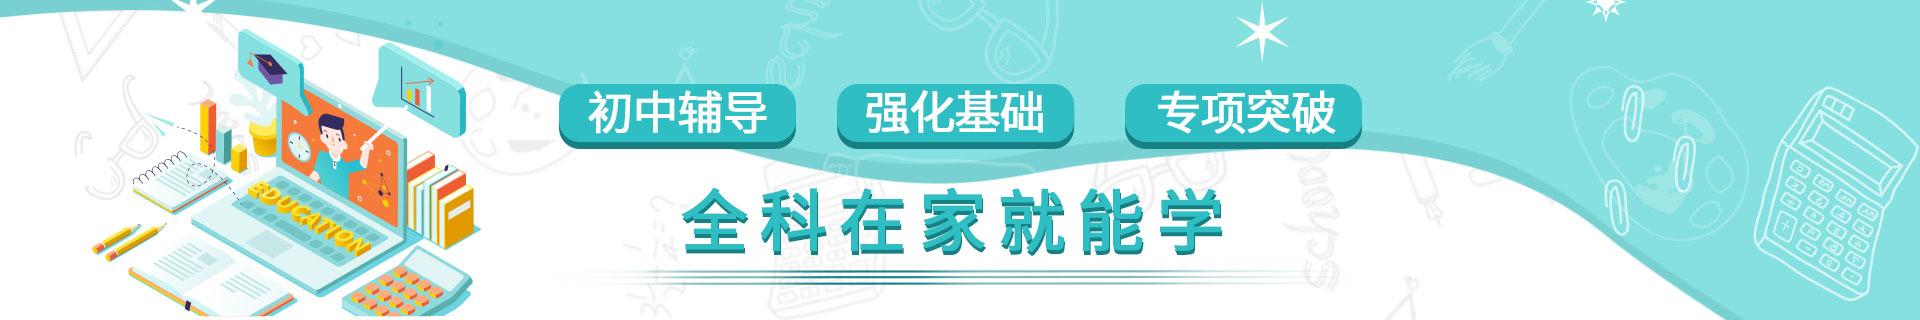 郑州金水区励学个性化教育